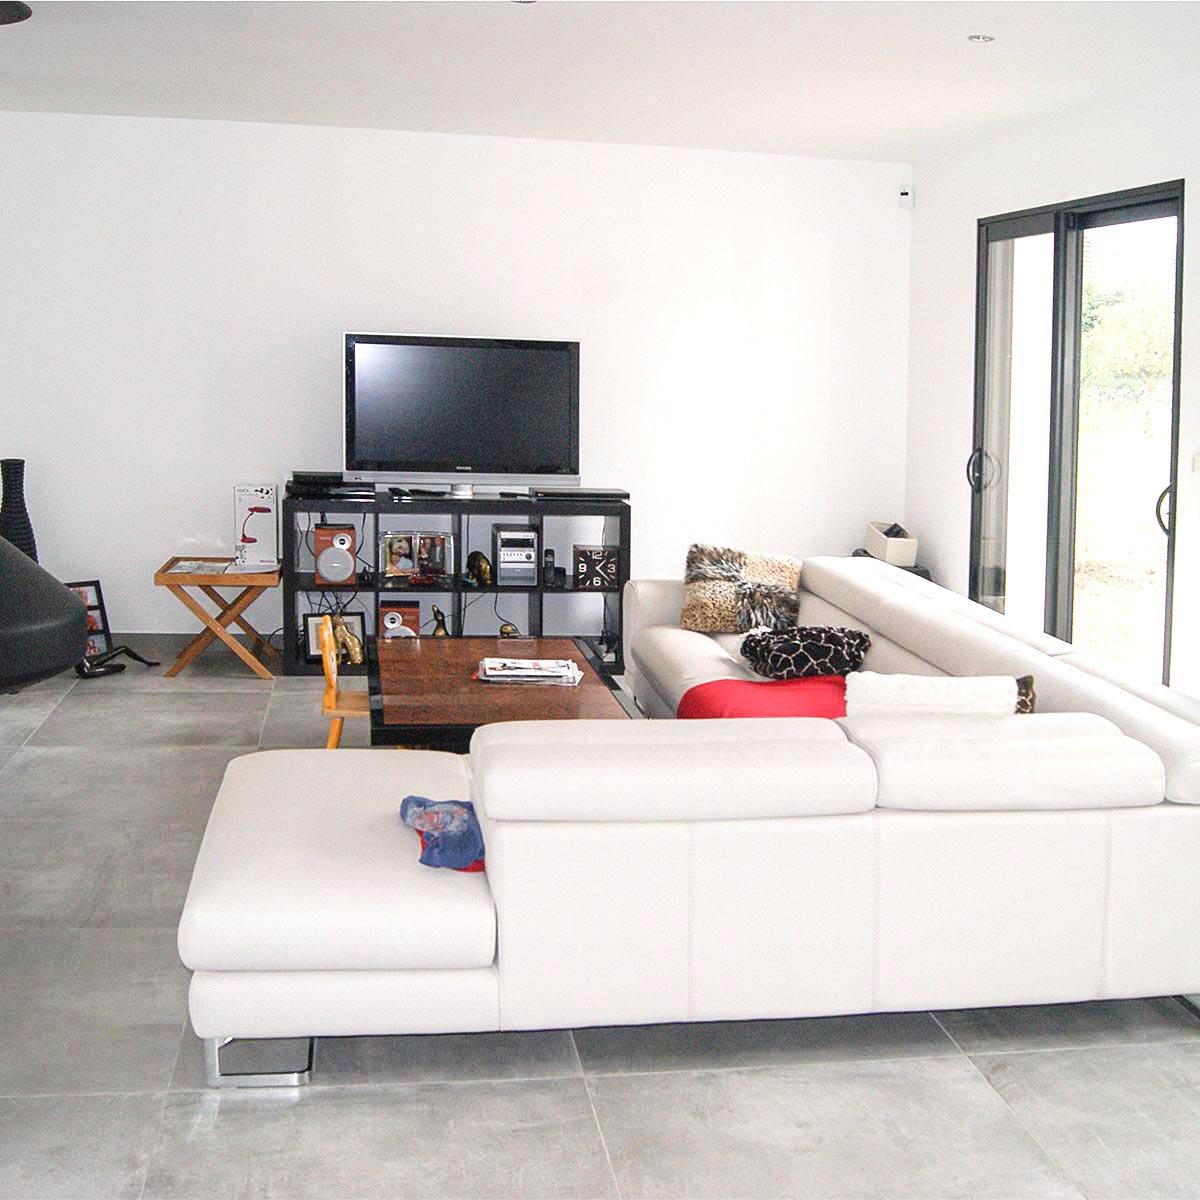 Canape et télé au salon